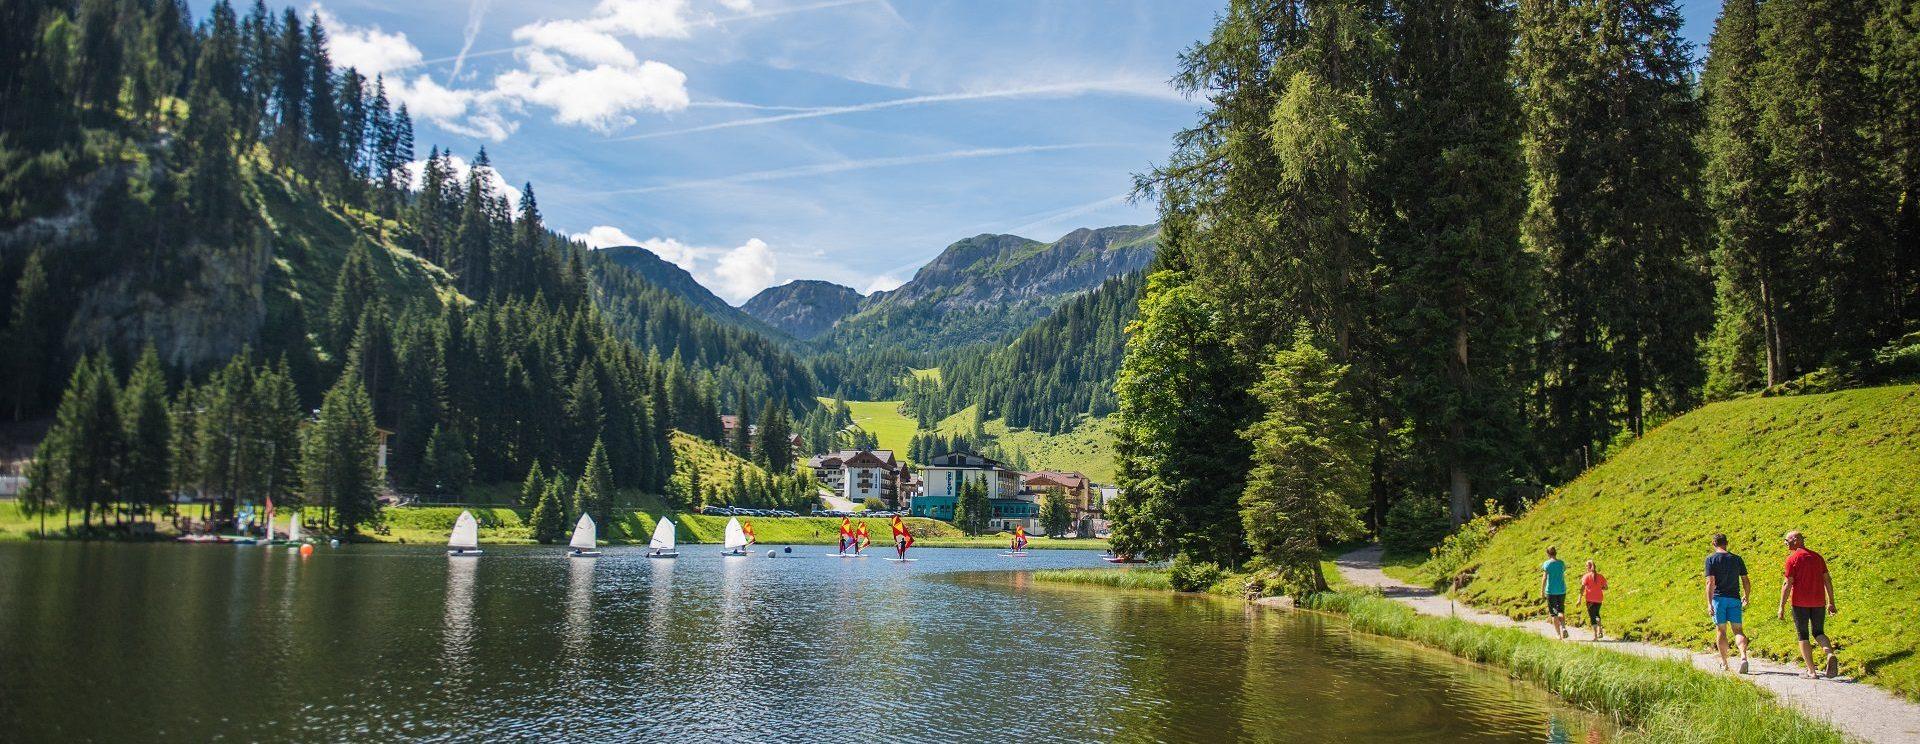 Zauchensee-Sommer-Salzburgerhof